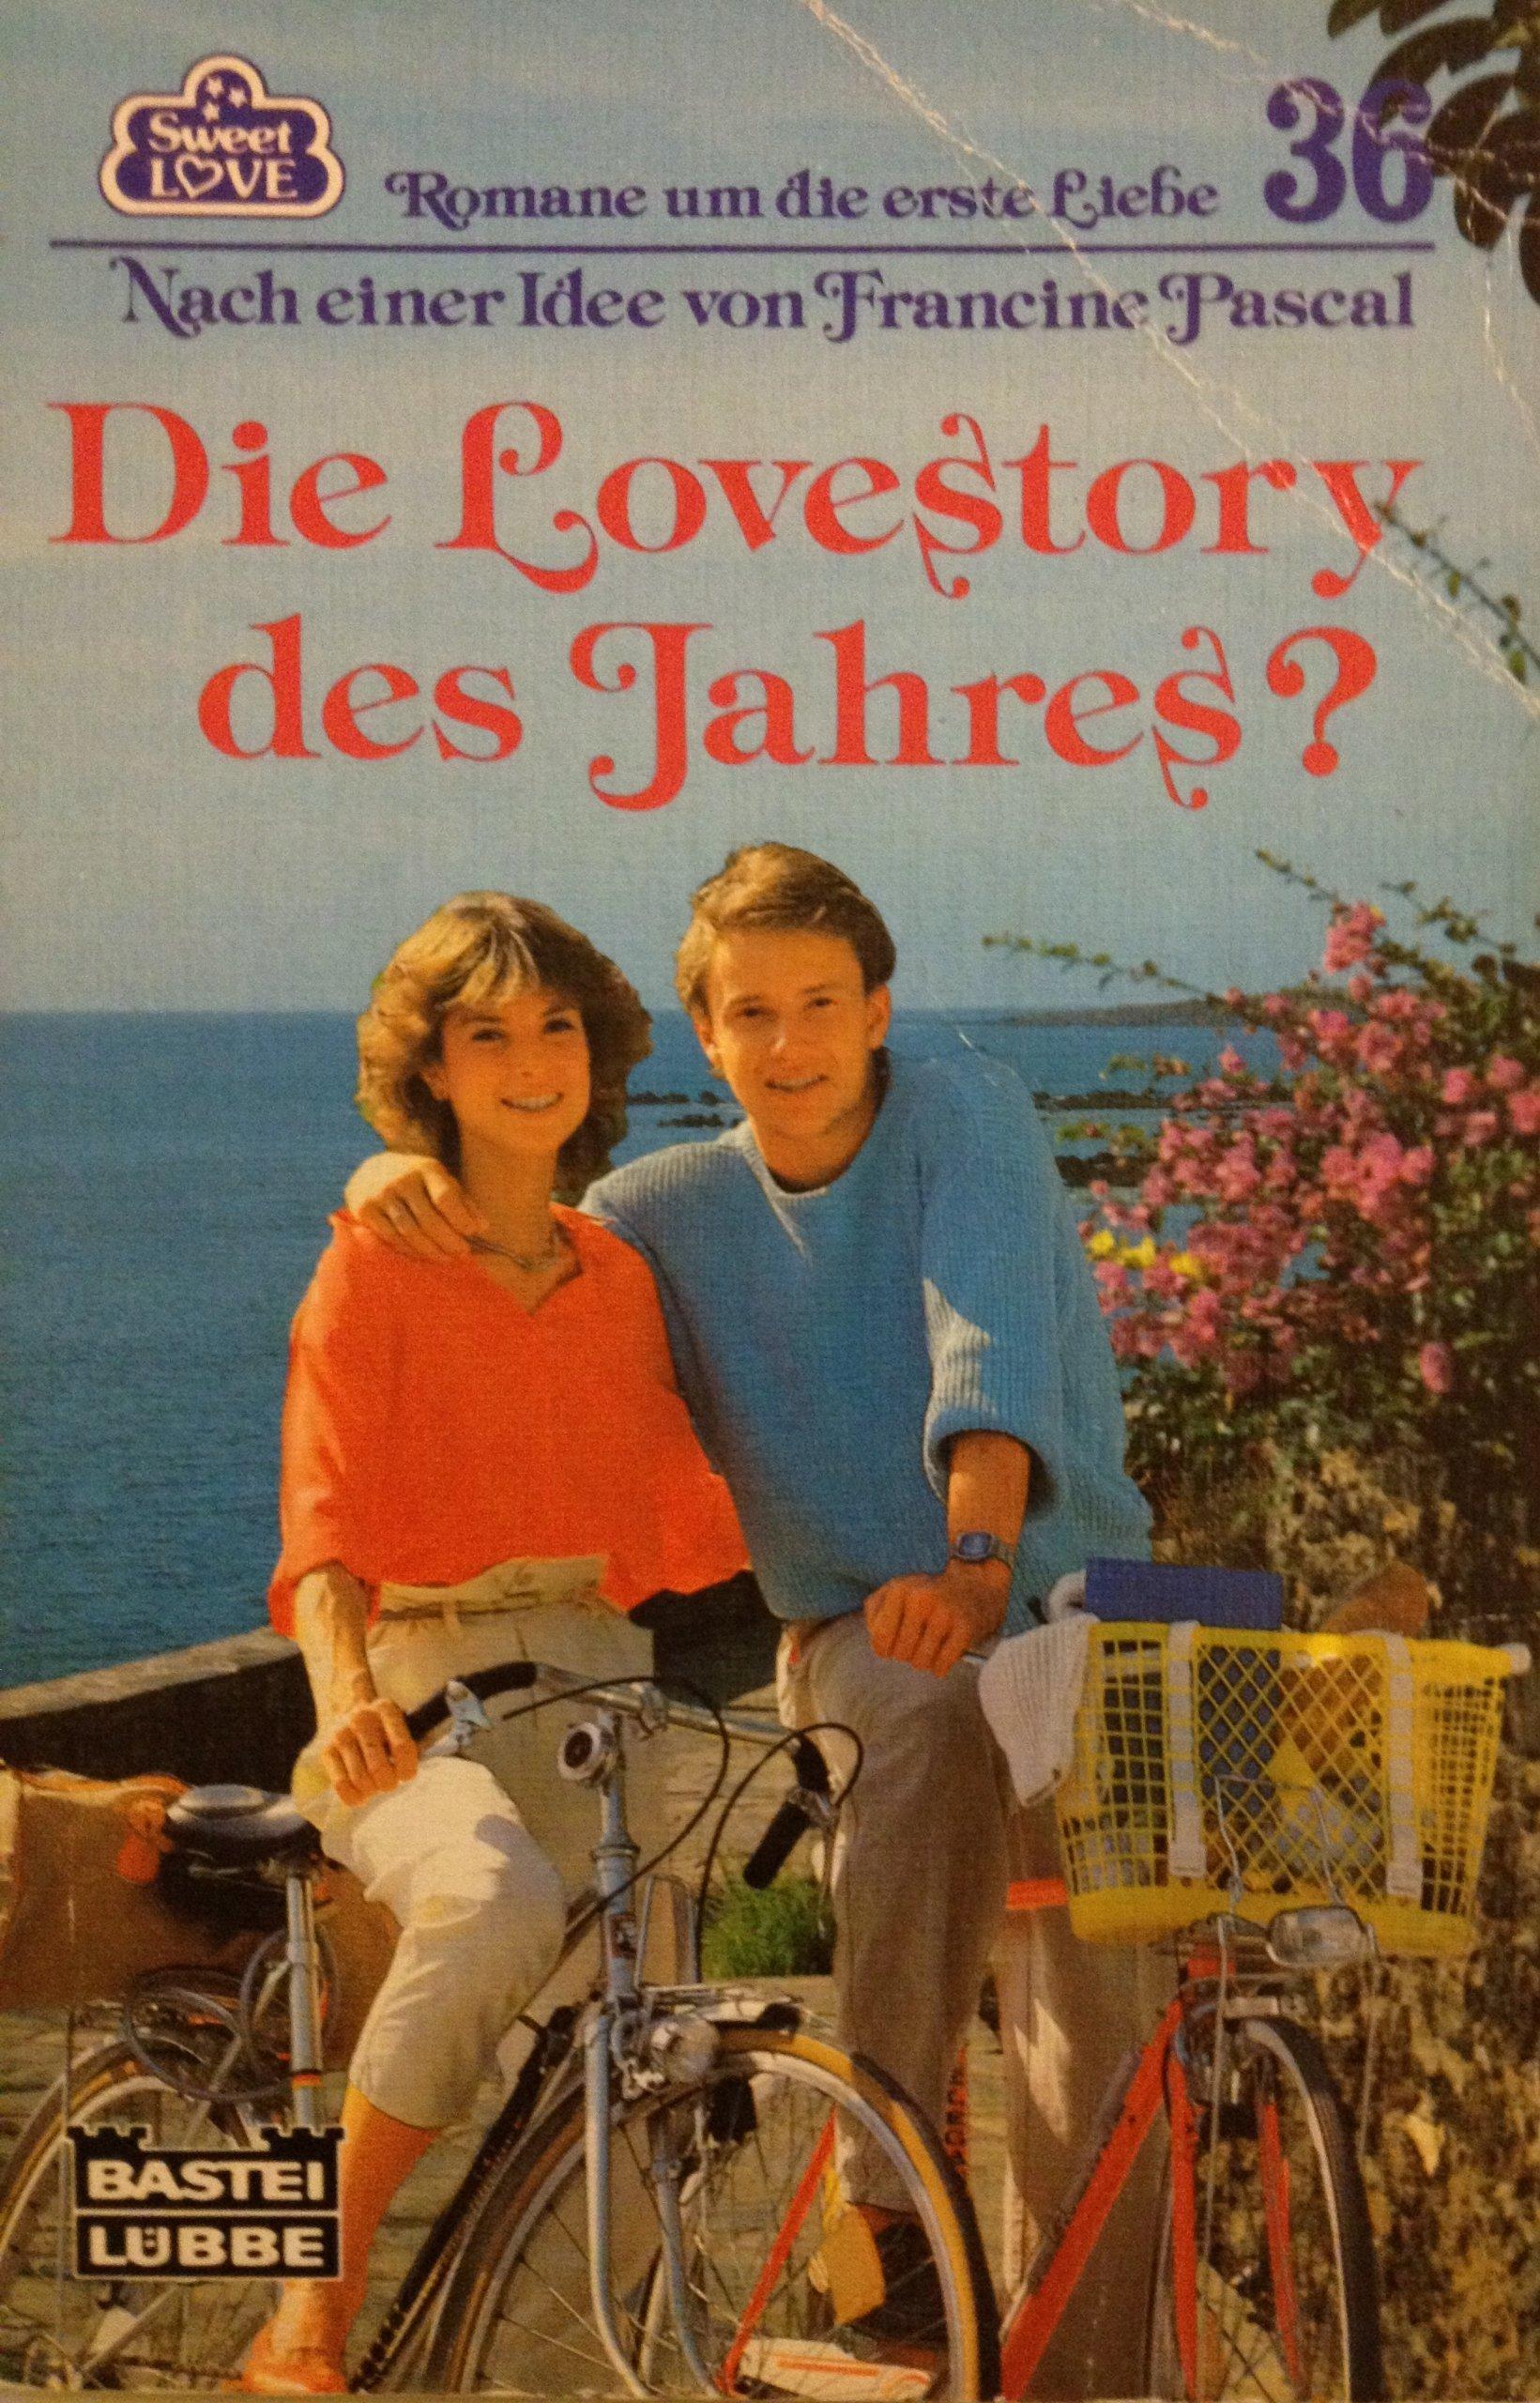 Die Lovestory des Jahres? ( Sweet Love #36).  by  Francine Pascal